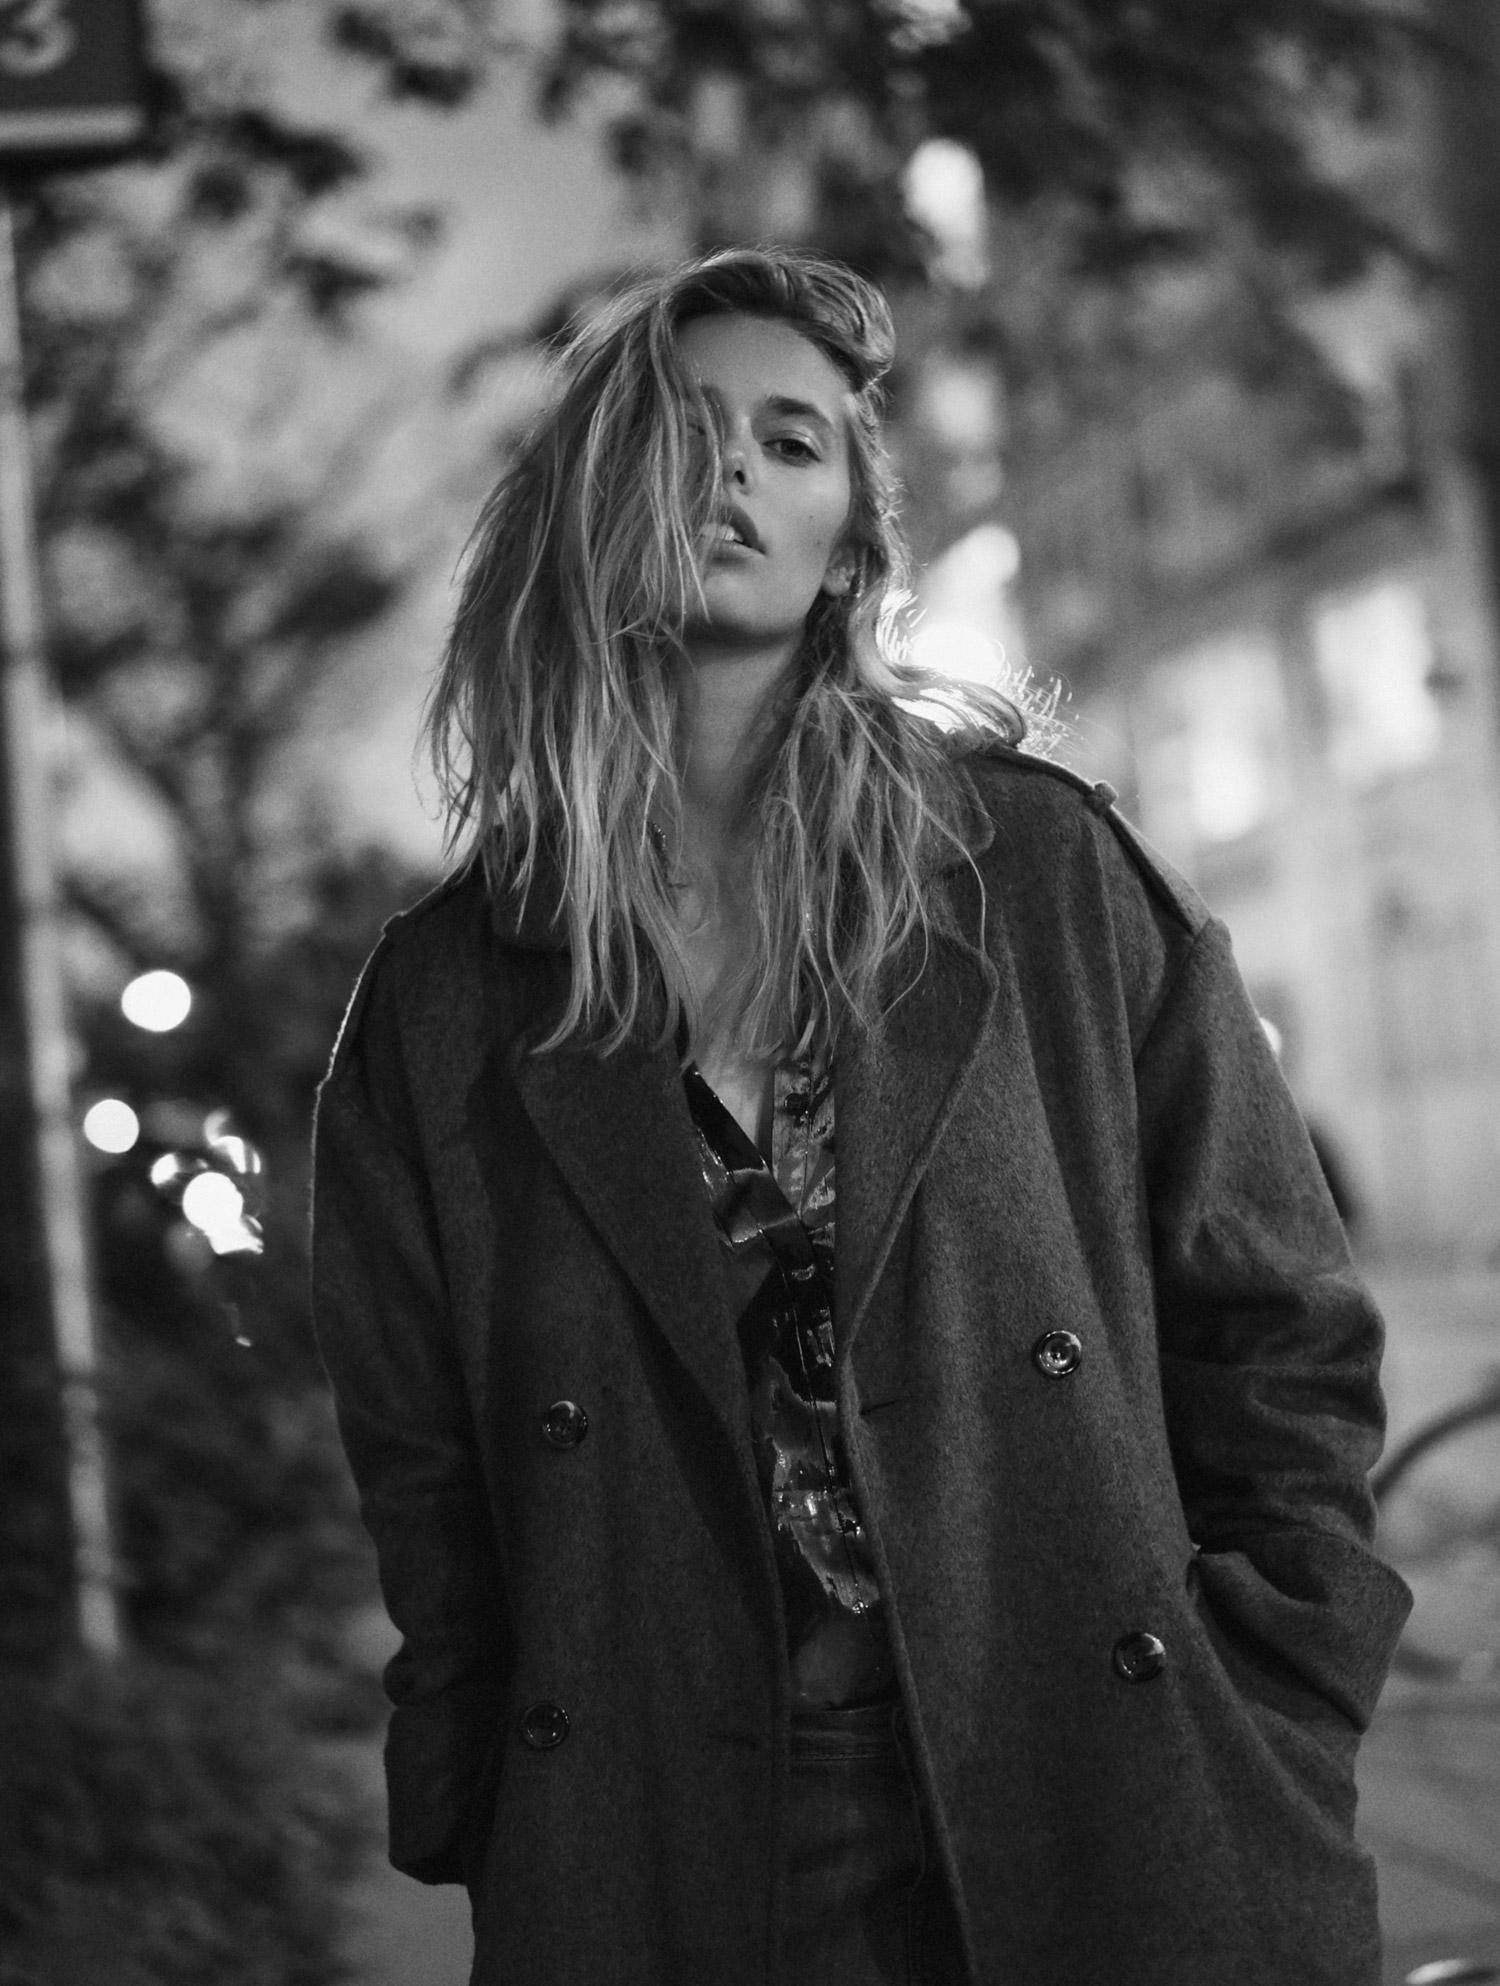 model in brooklyn new york